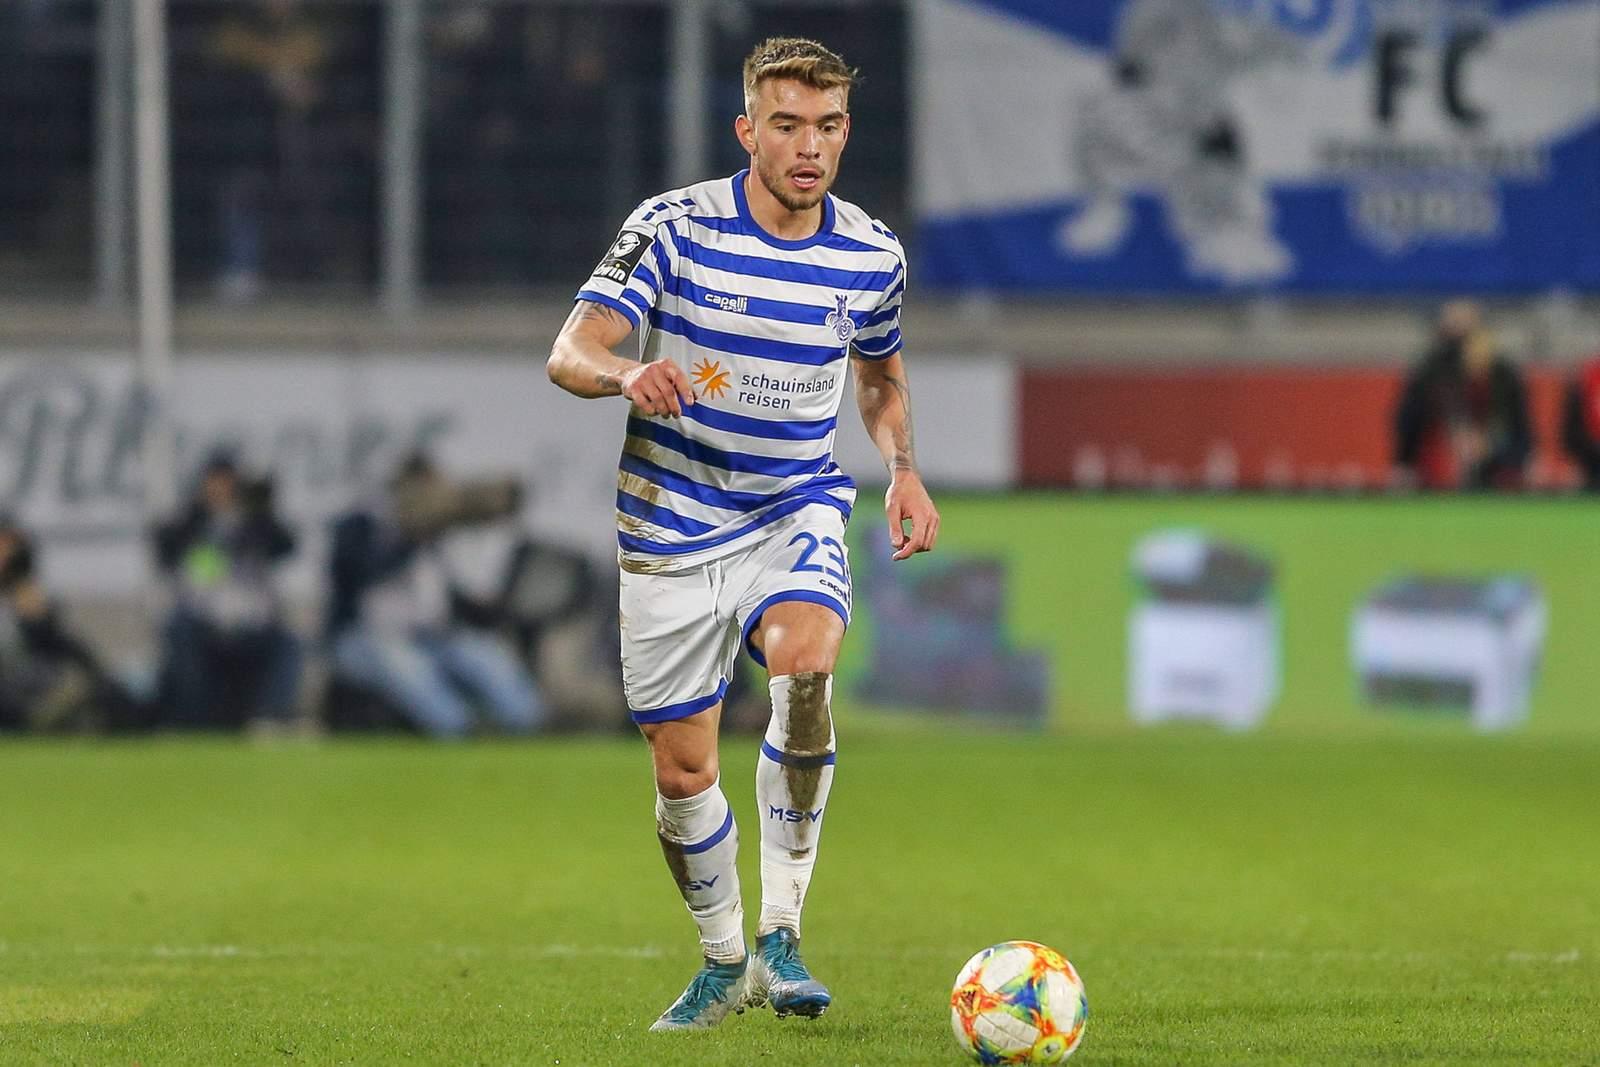 Joshua Bitter vom MSV Duisburg